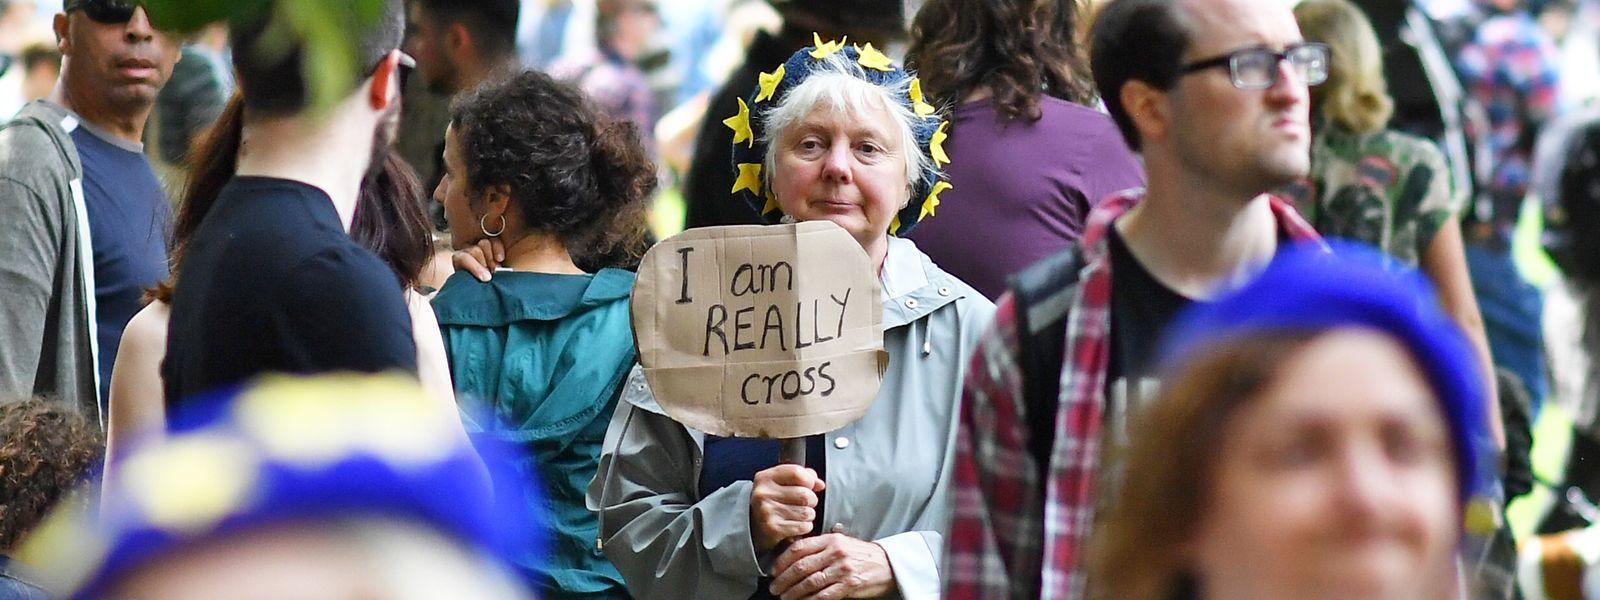 Viele gingen am Samstag auf die Straßen Londons, um ihre Meinung gegen das Vorhaben von Boris Johnson zu äußern.